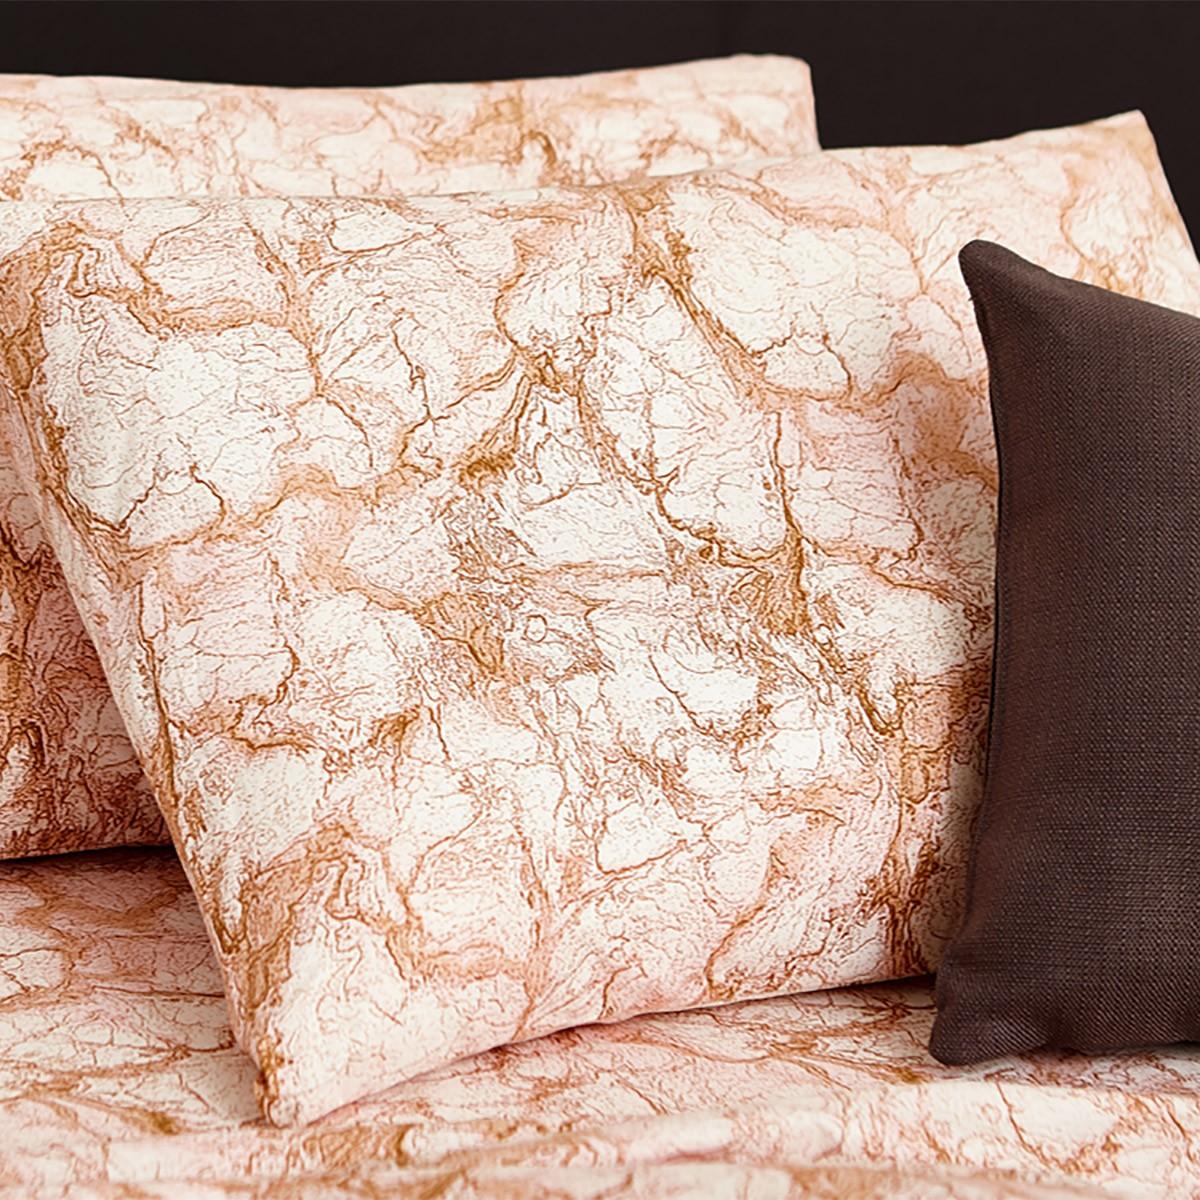 Ζεύγος Μαξιλαροθήκες Melinen 13260 Marble Blush